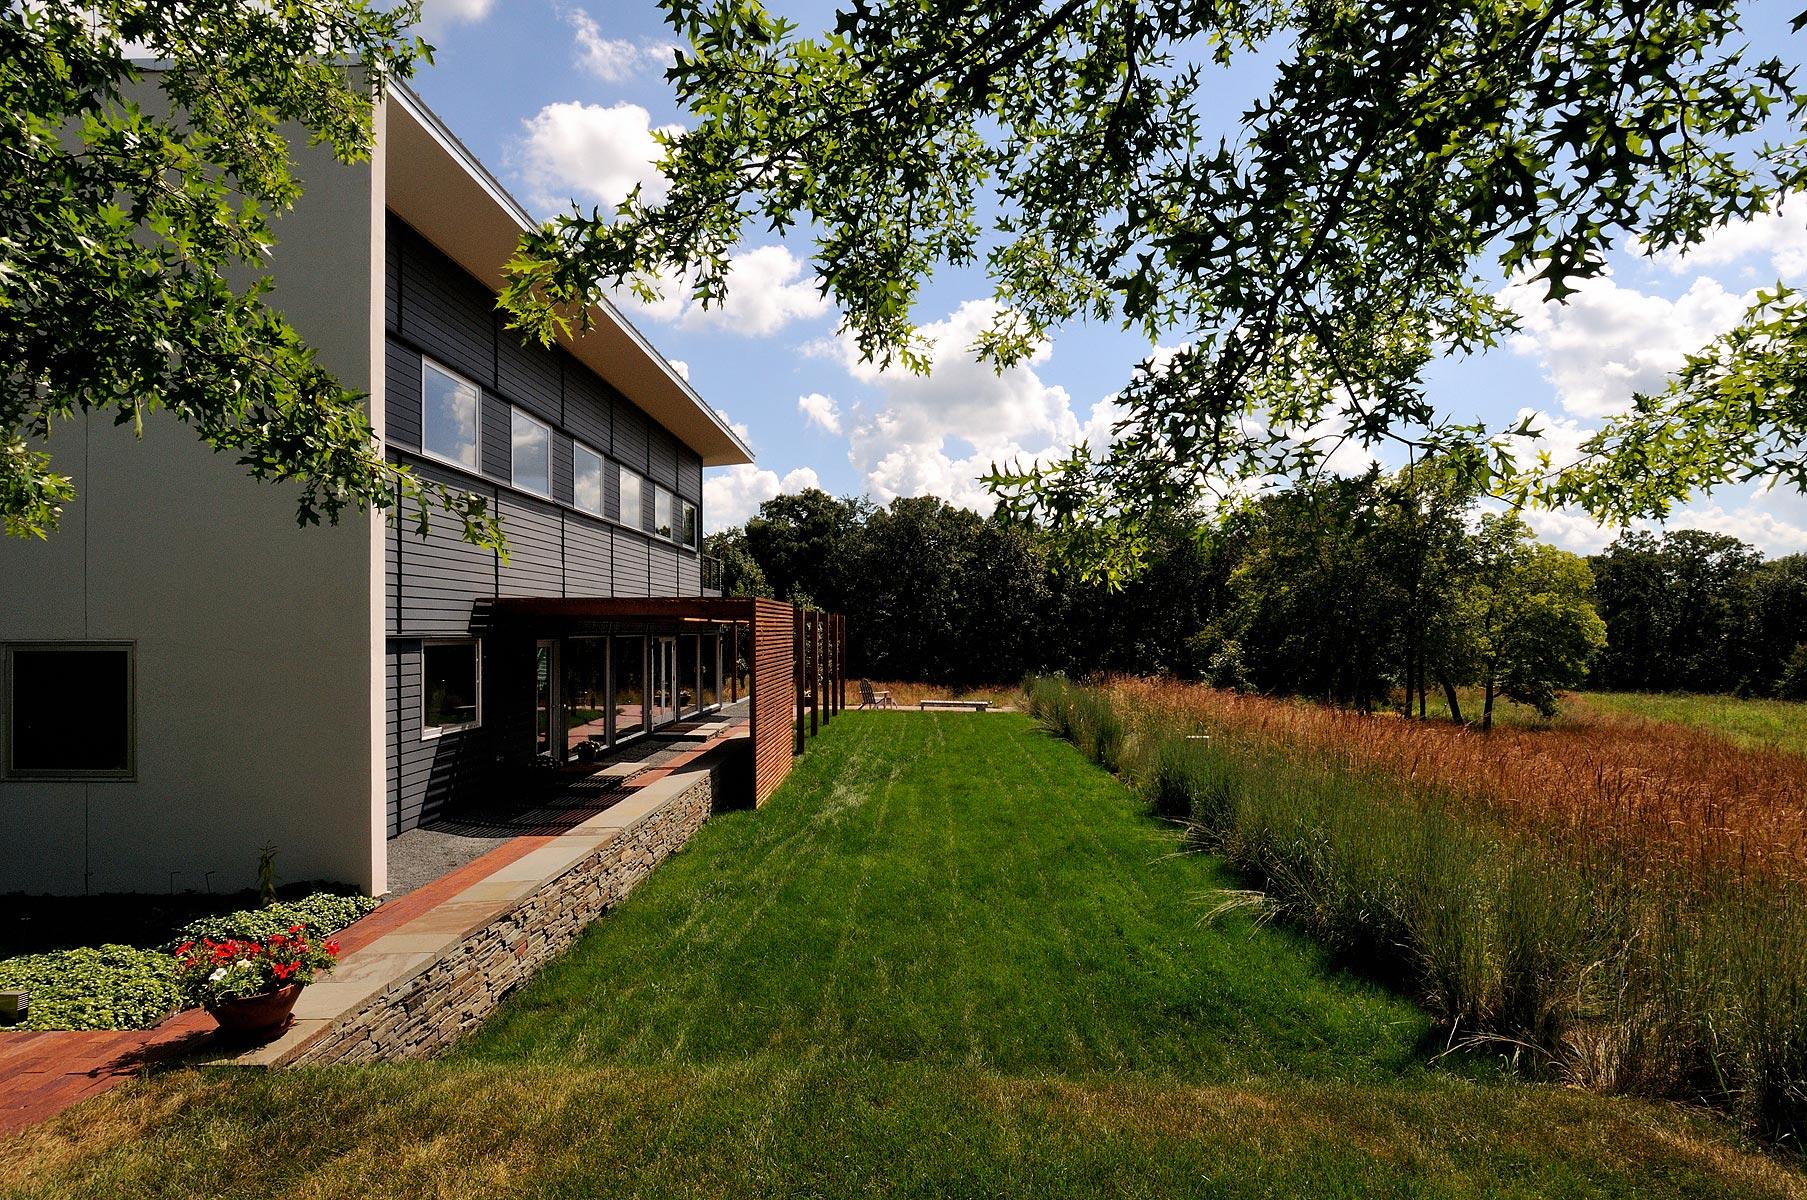 prairie-house-number2-Altus-6459-adj.jpg